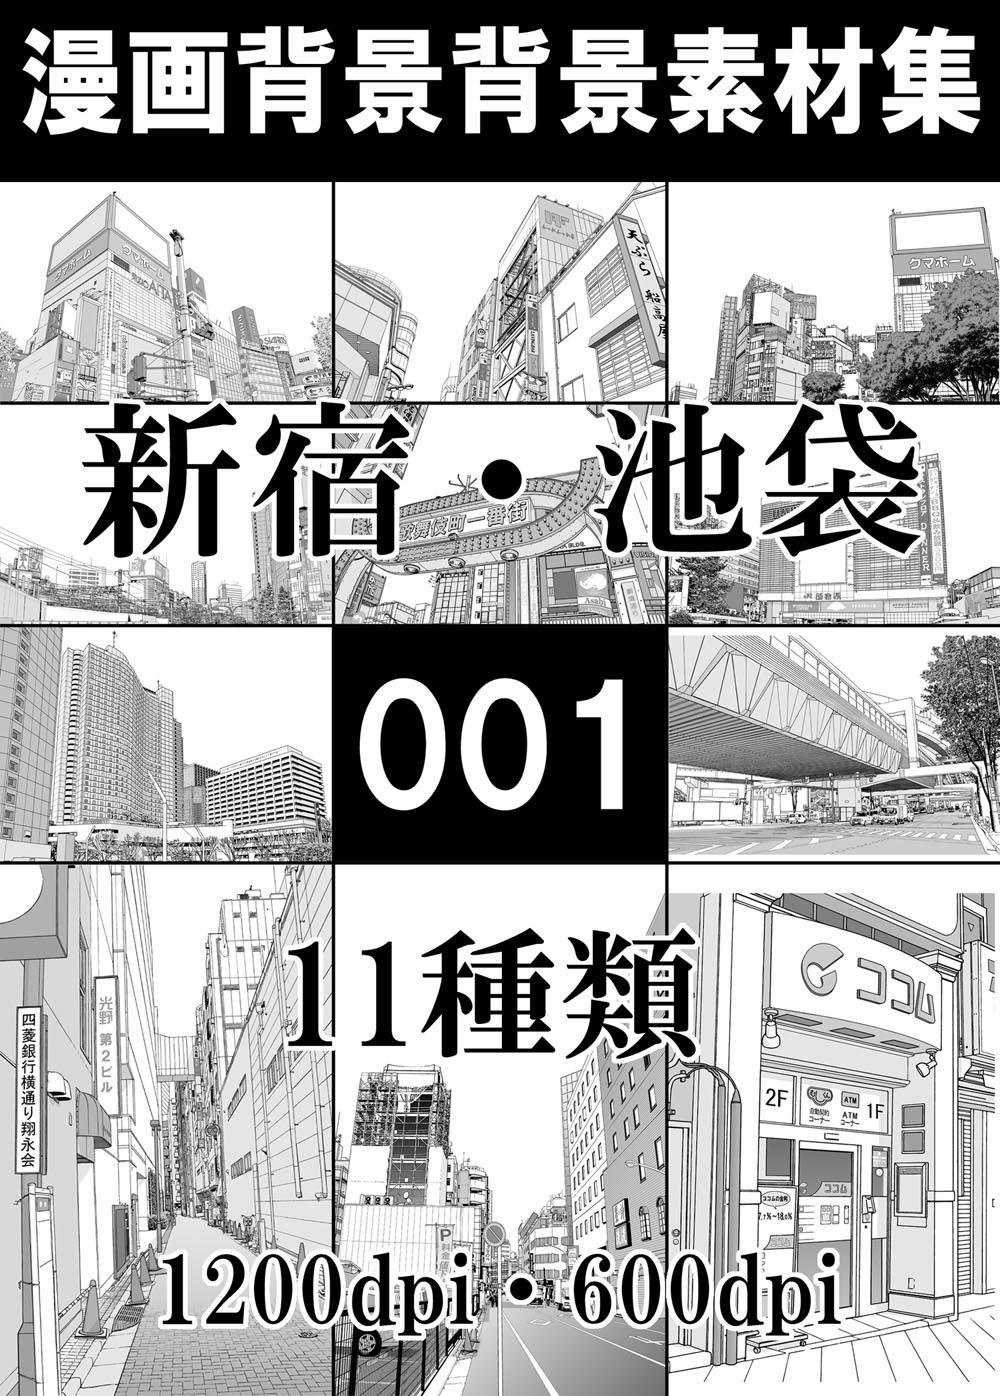 漫画背景素材集「001 新宿・池袋」